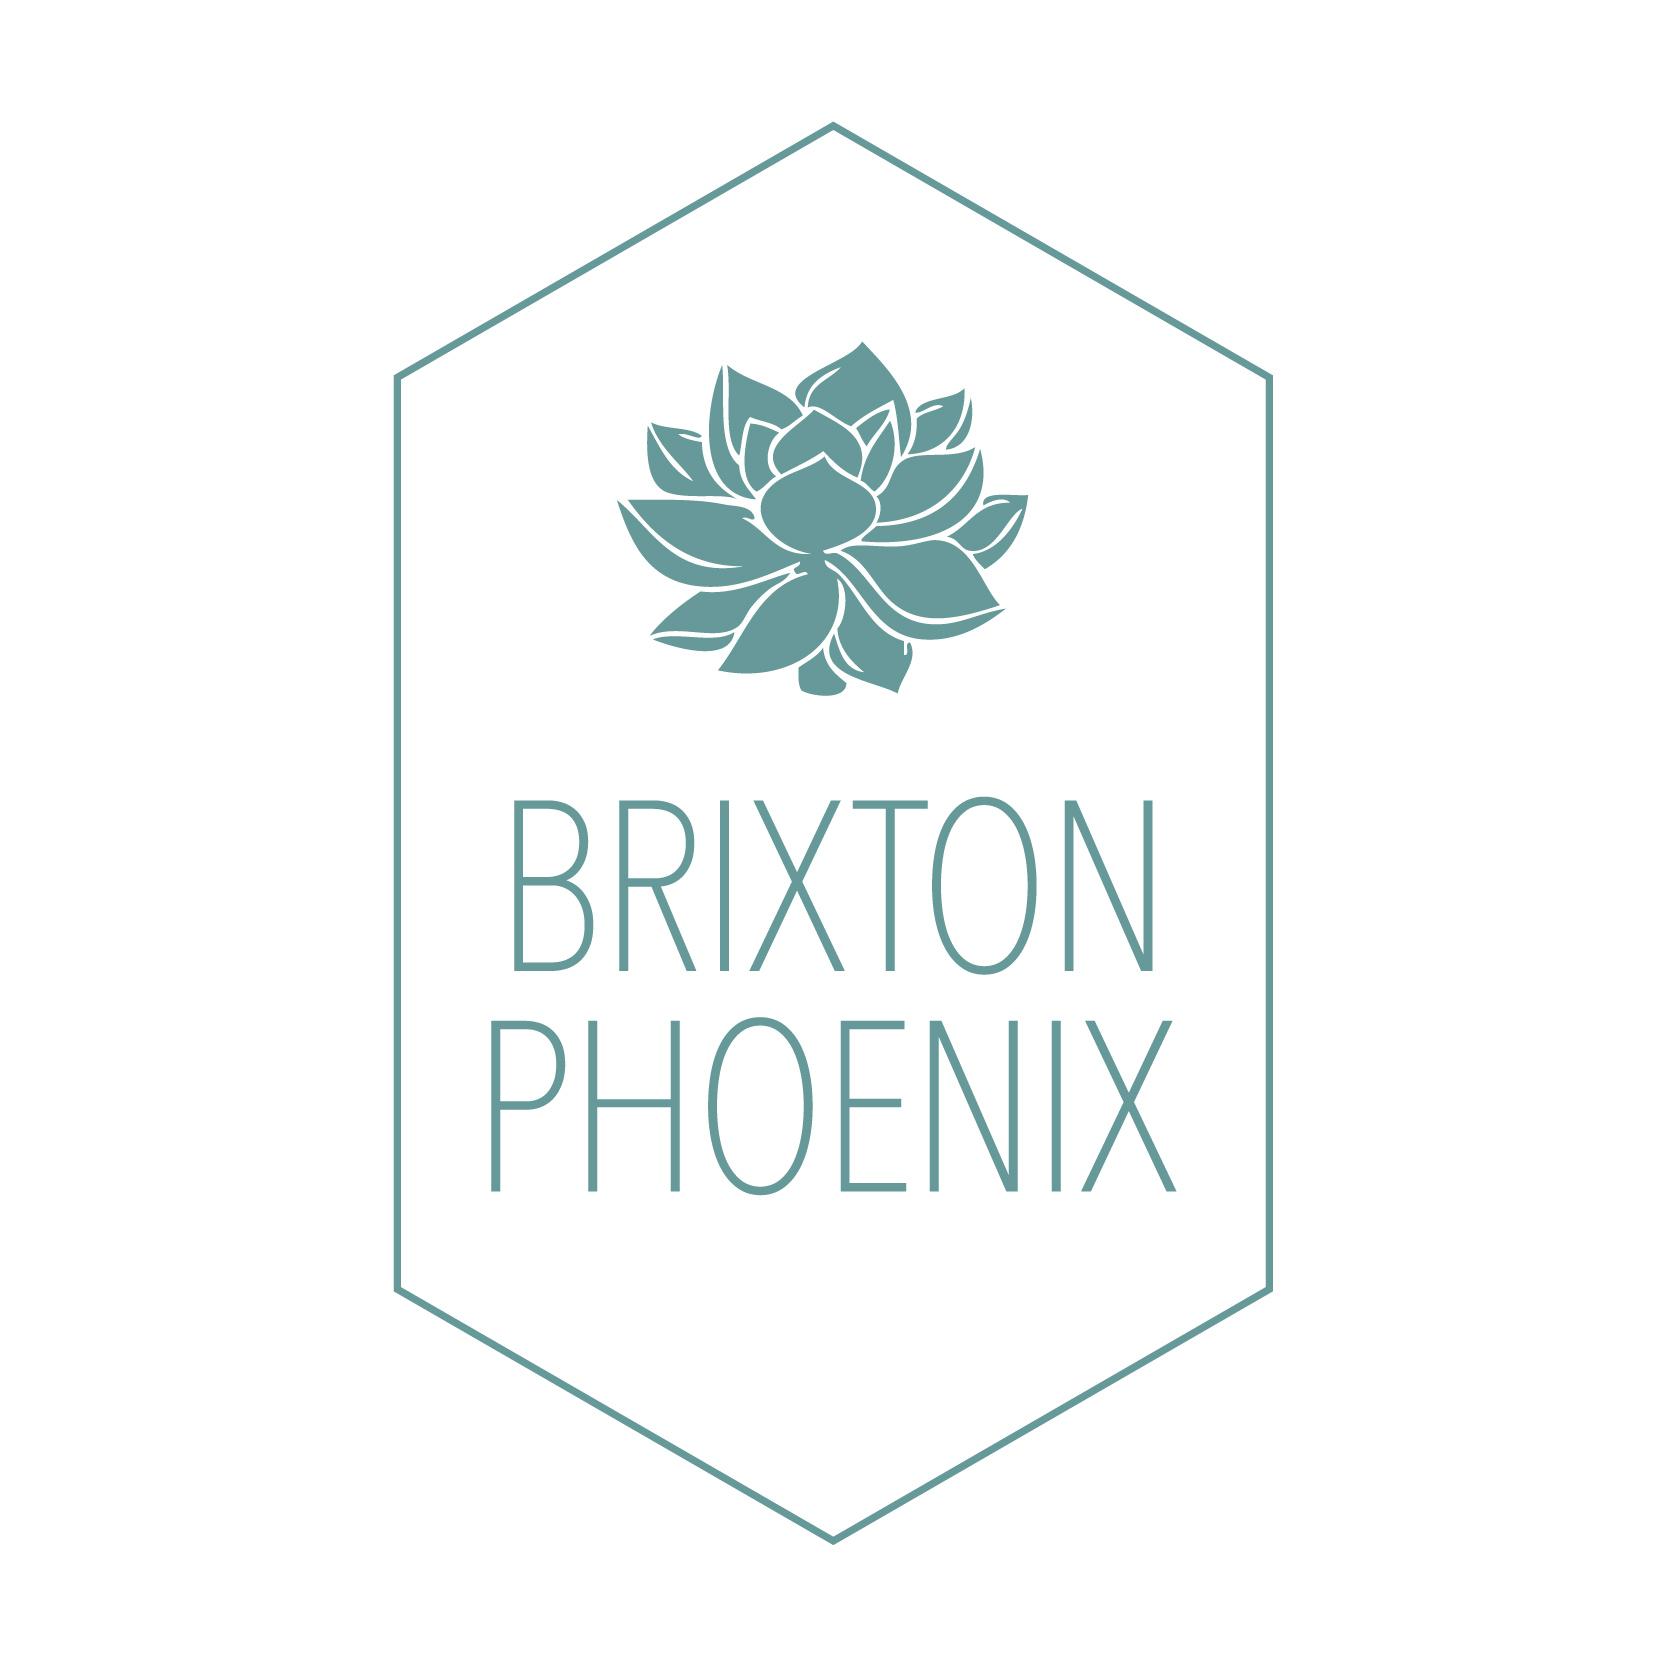 Brixton.Phoenix